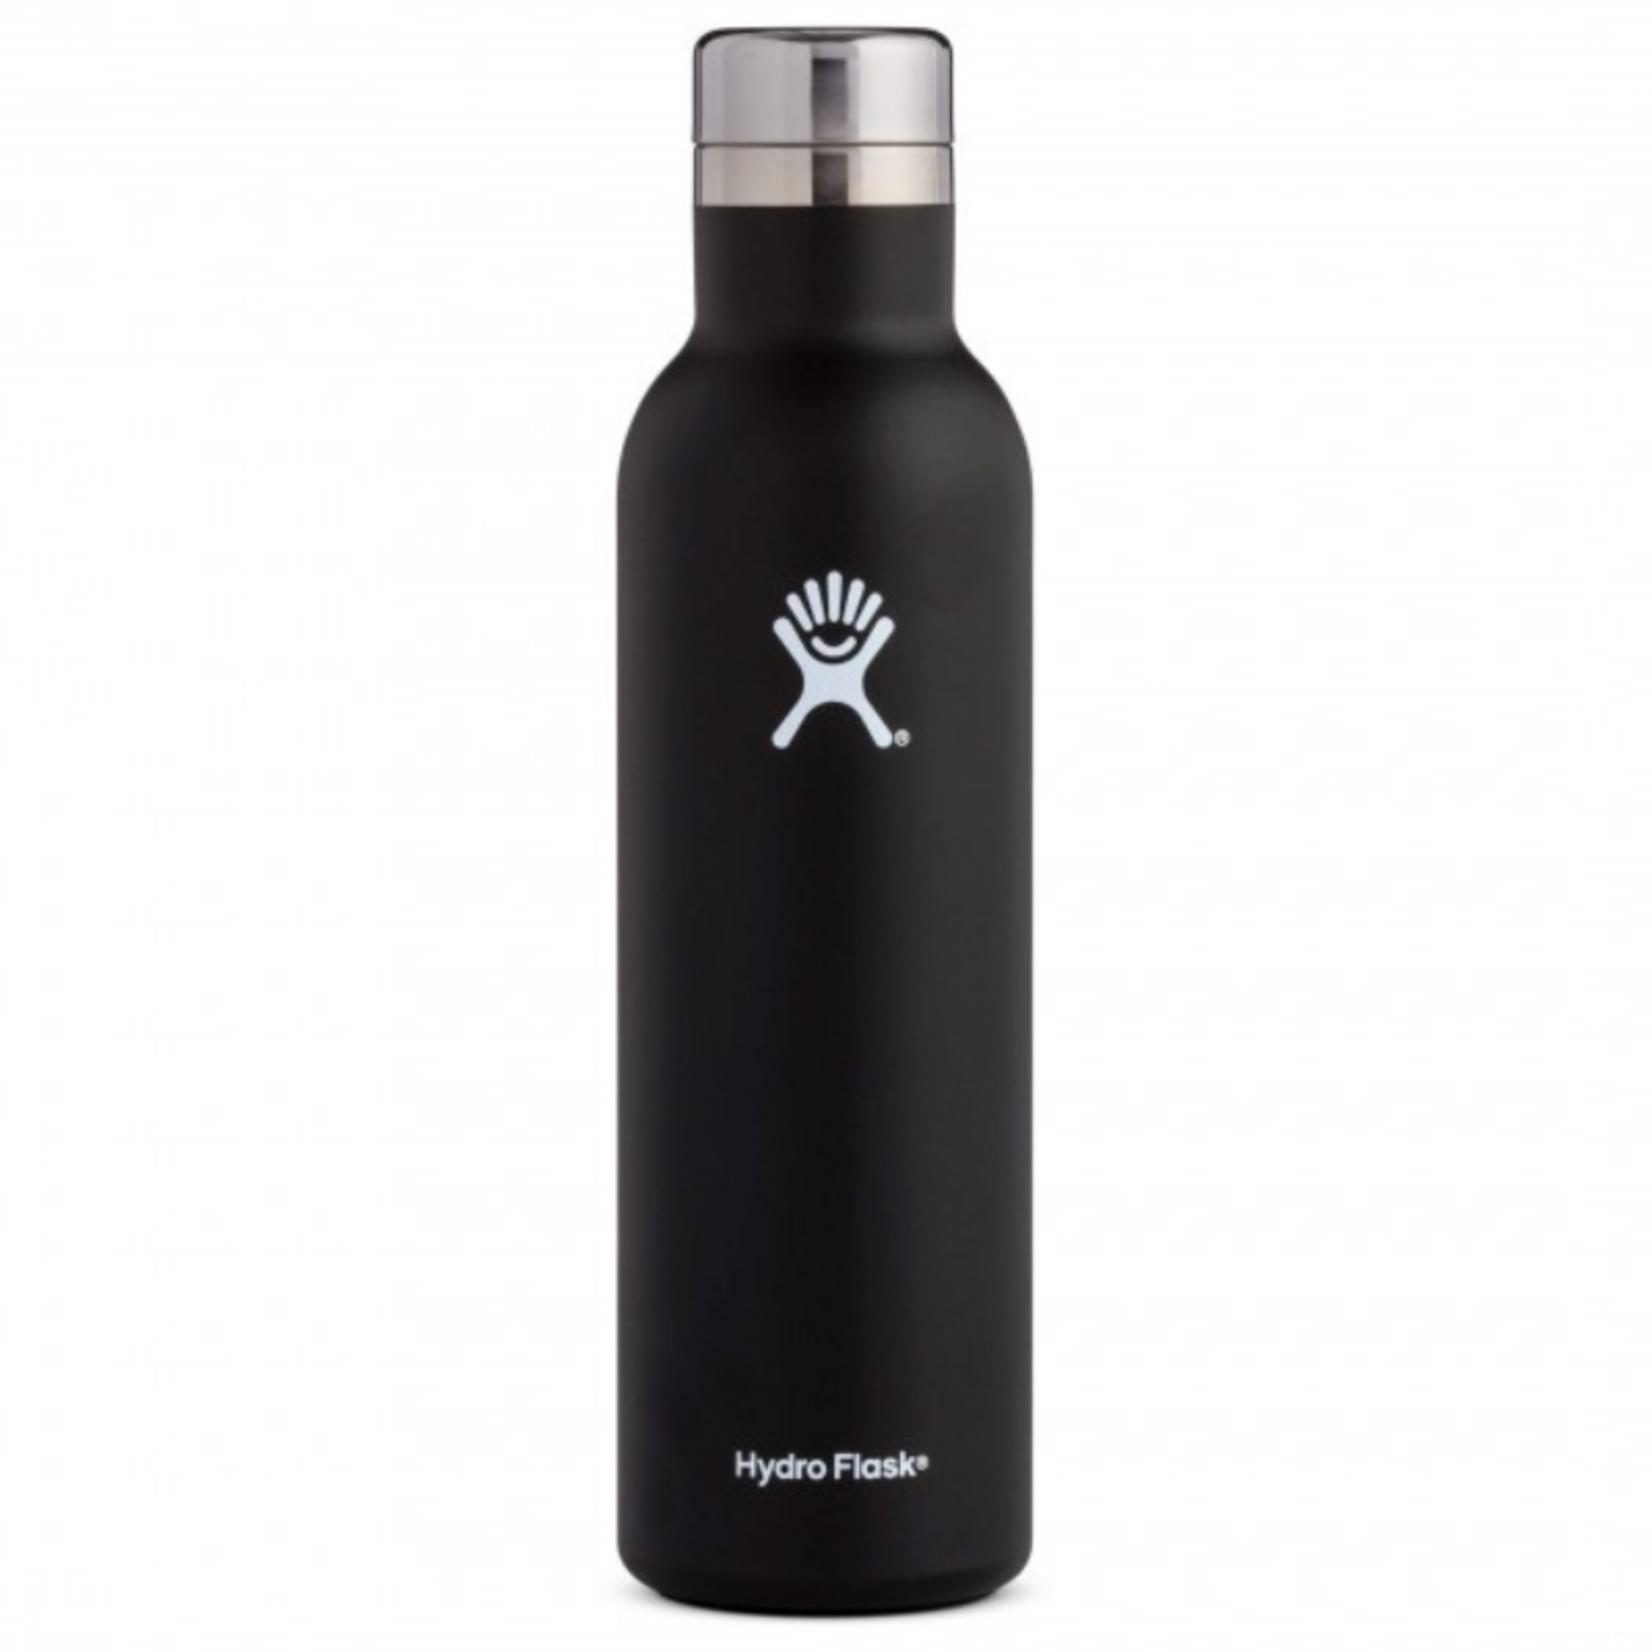 Hydro Flask Hydro Flask 25oz Wine Bottle